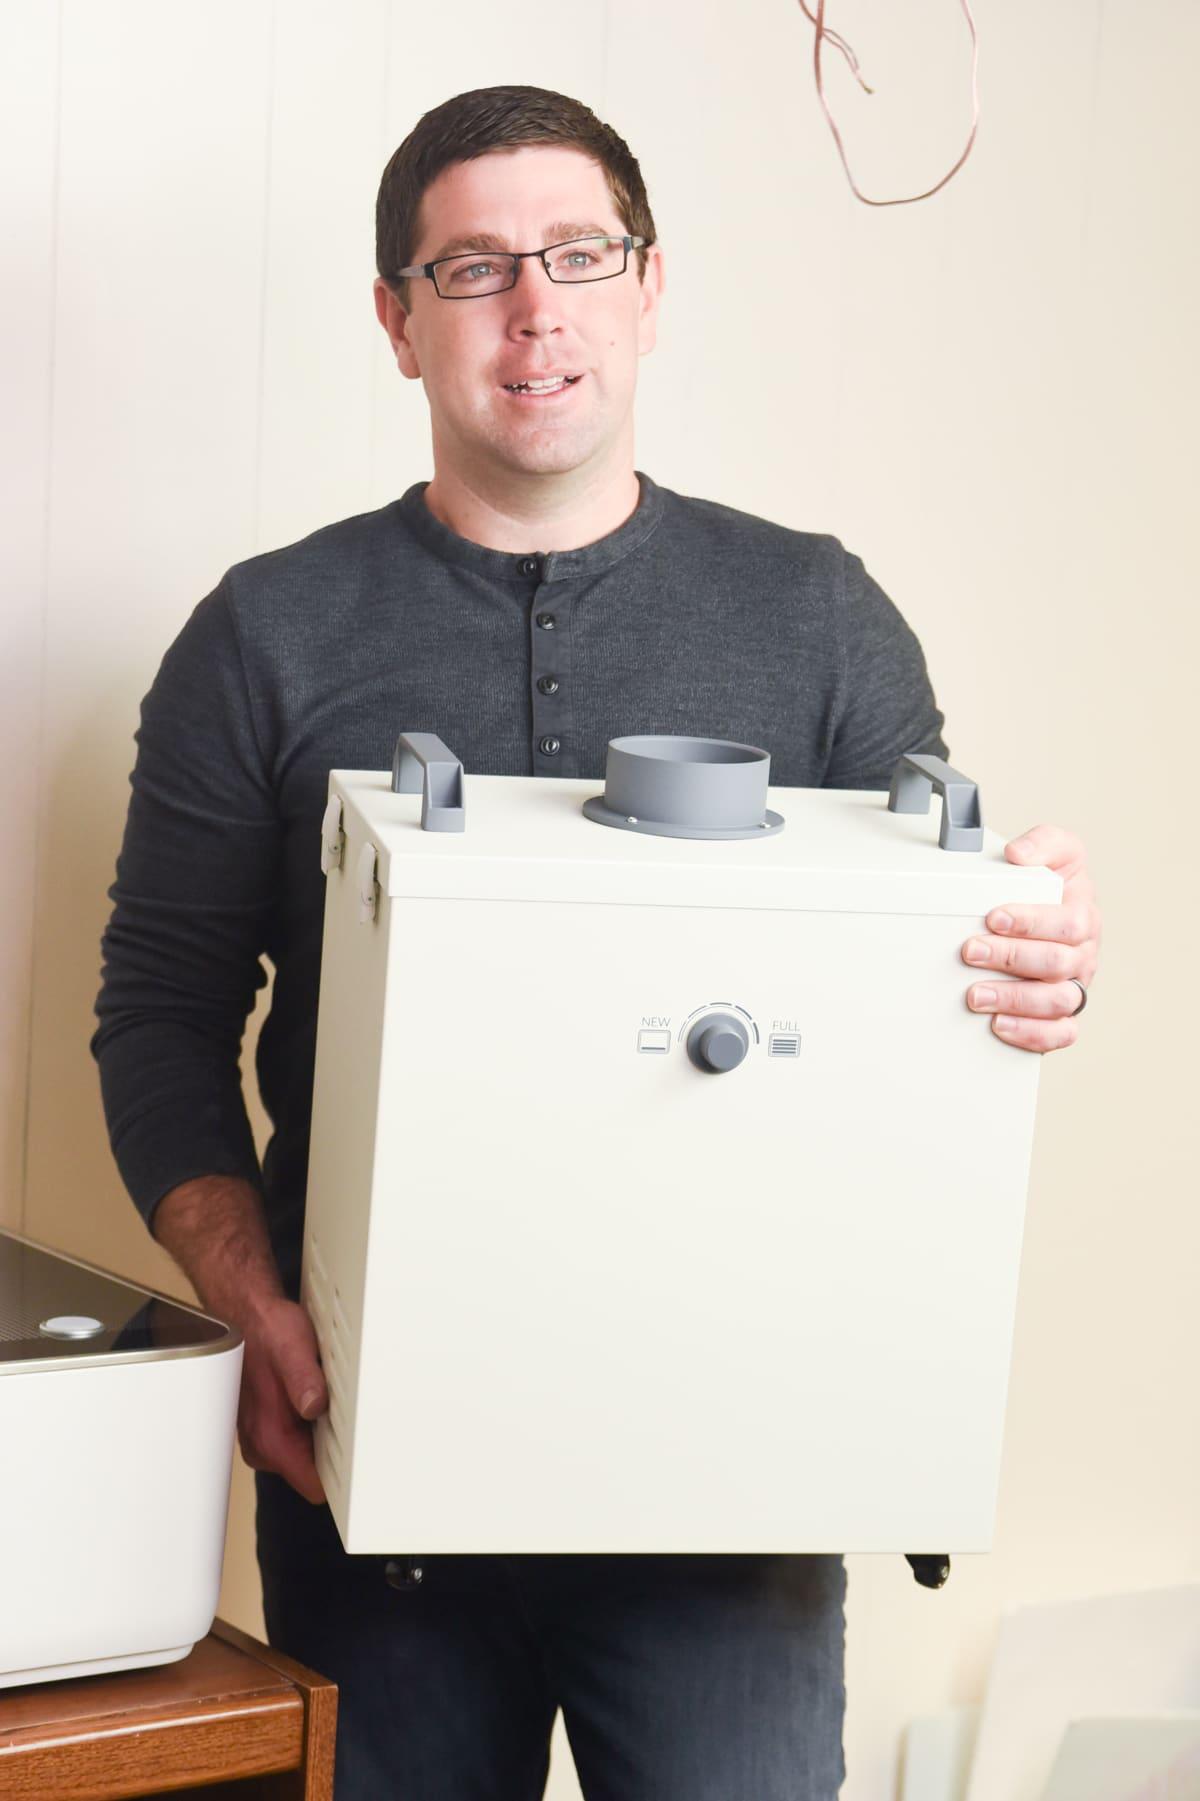 glowforge air filter